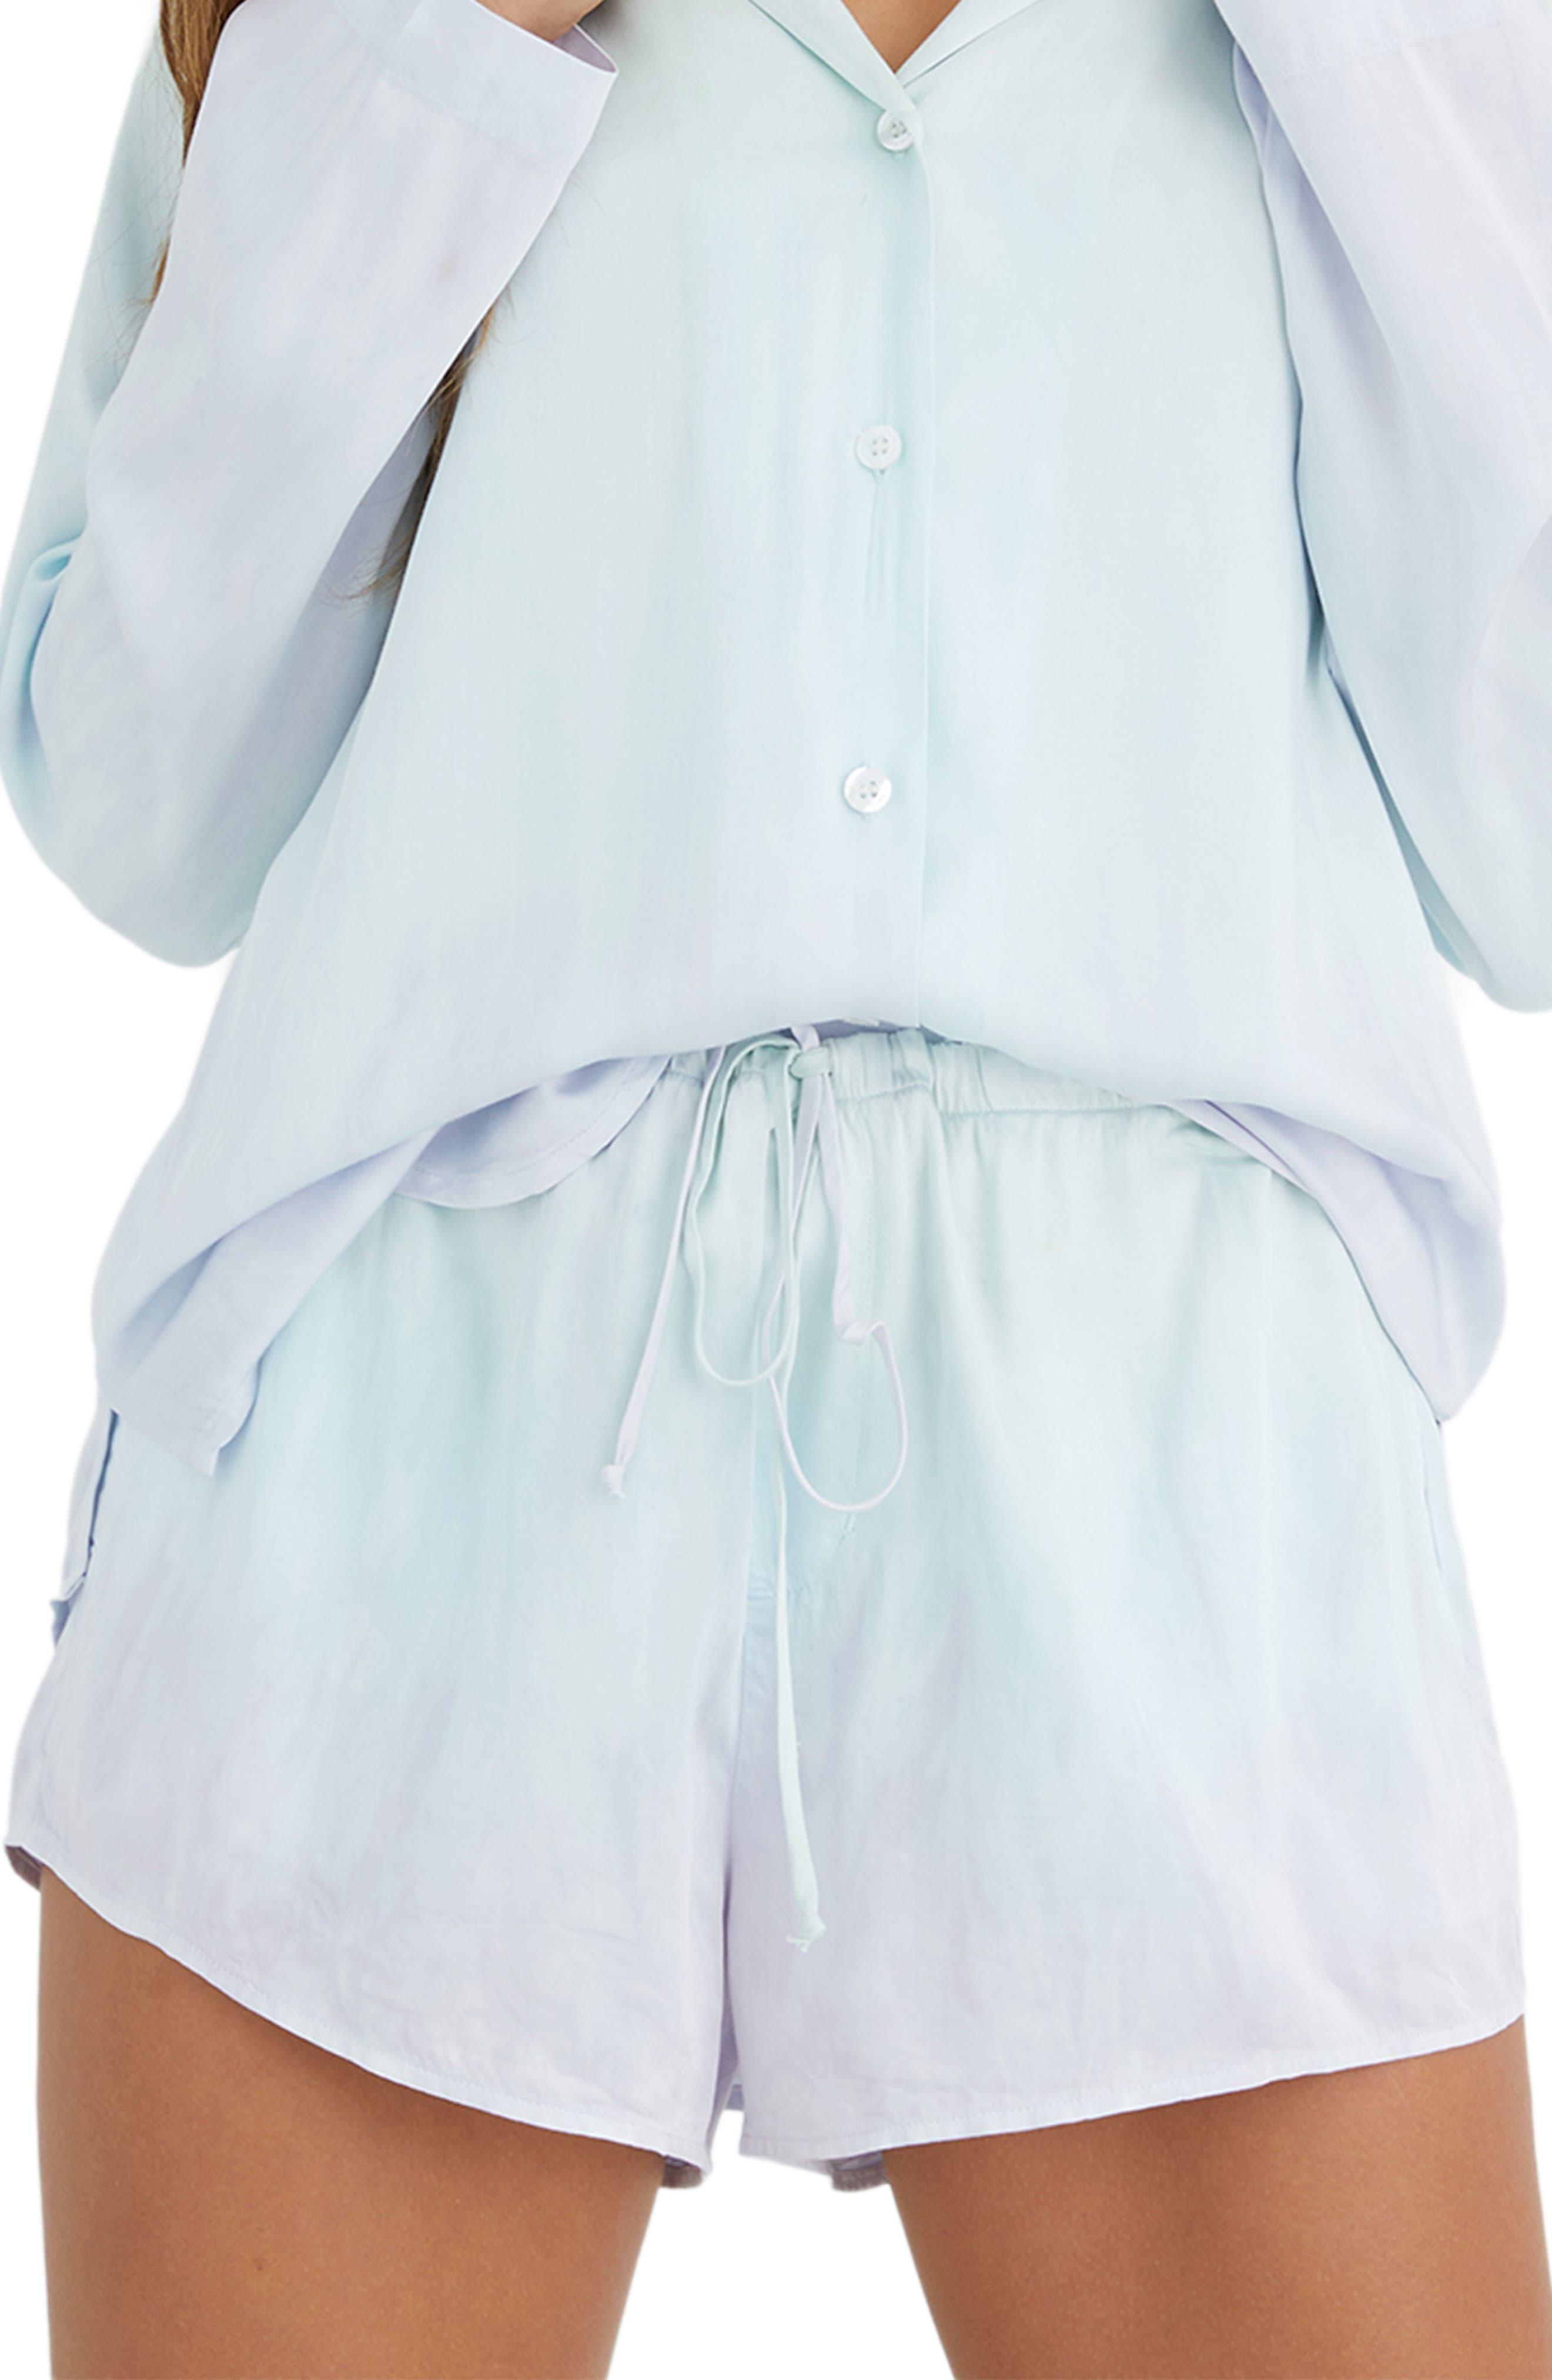 Flowy Drawstring Shorts